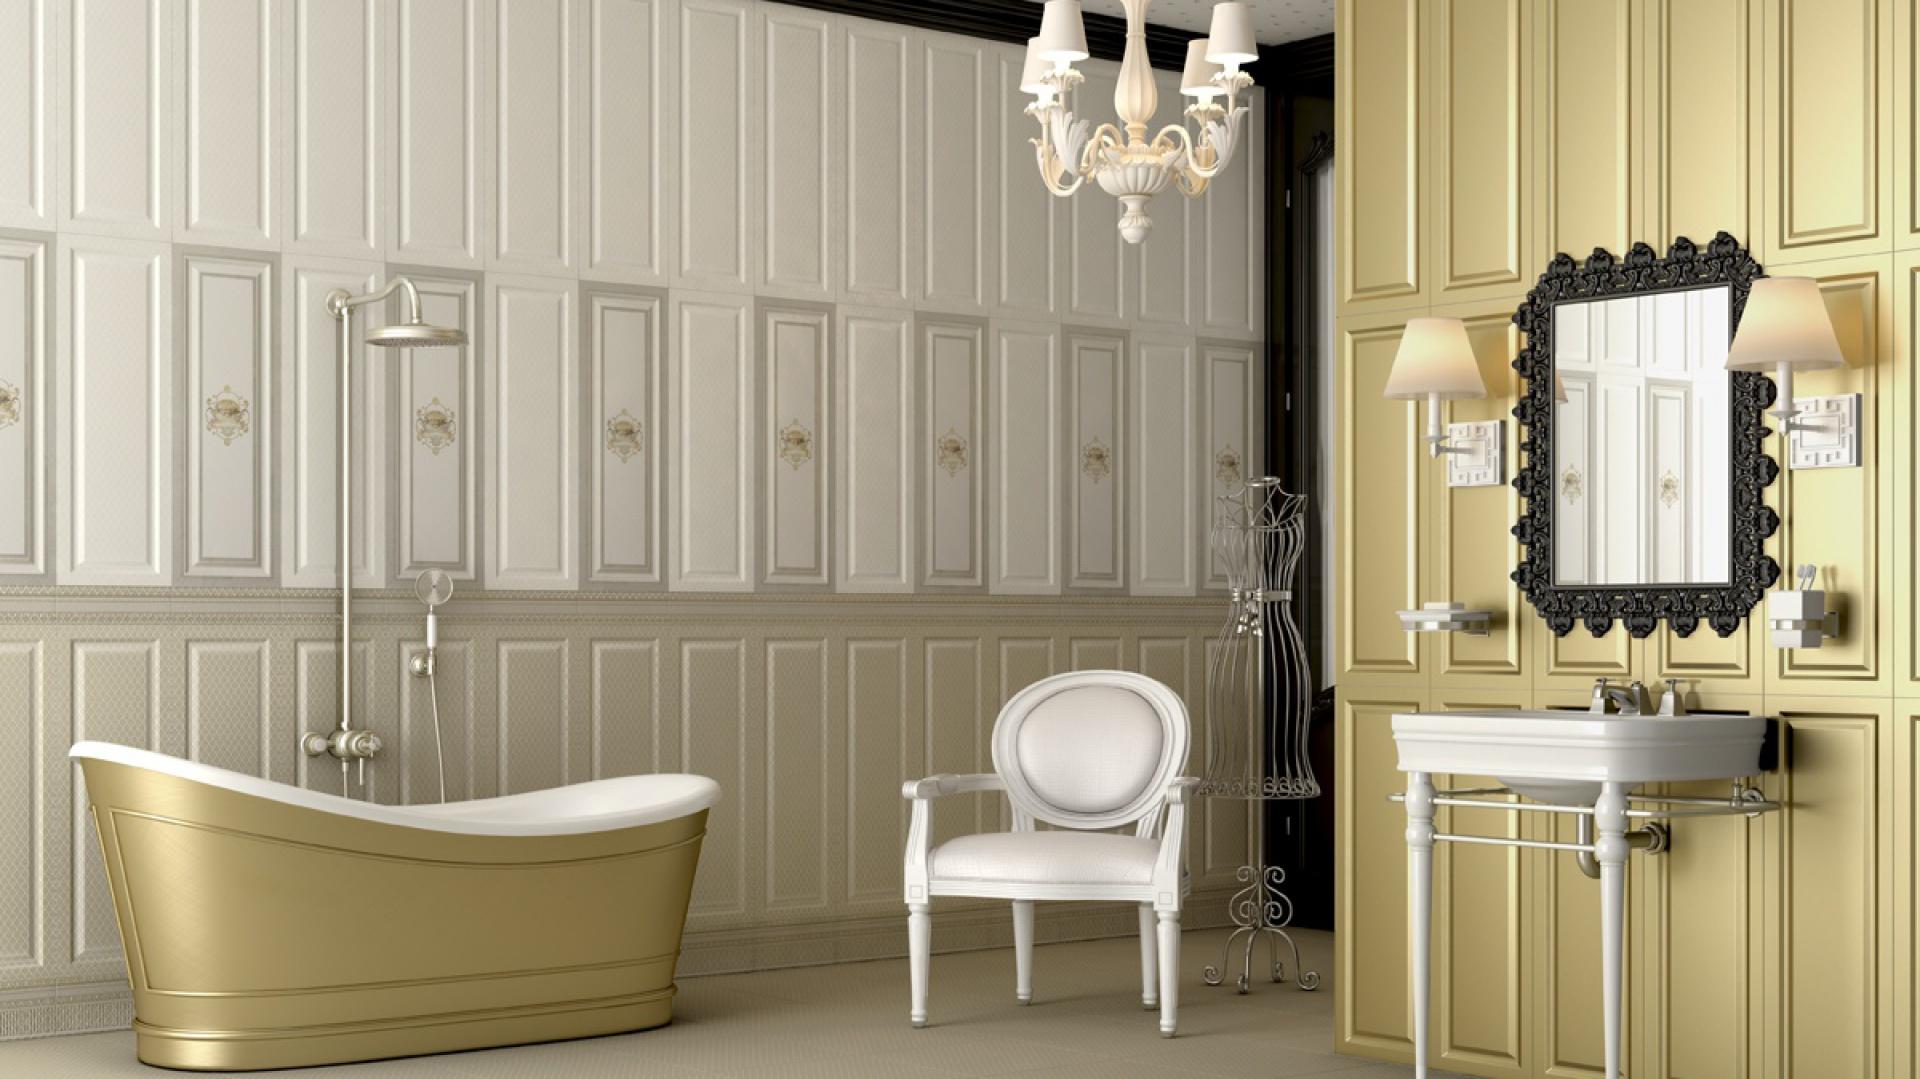 Płytki ceramiczne z kolekcji Legacy marki Aparici dostępne w kolorze białym, złotym oraz z subtelnym kwiatowym dekorem. Doskonałe podkreślą charakter klasycznych wnętrz. Fot. Aparici.